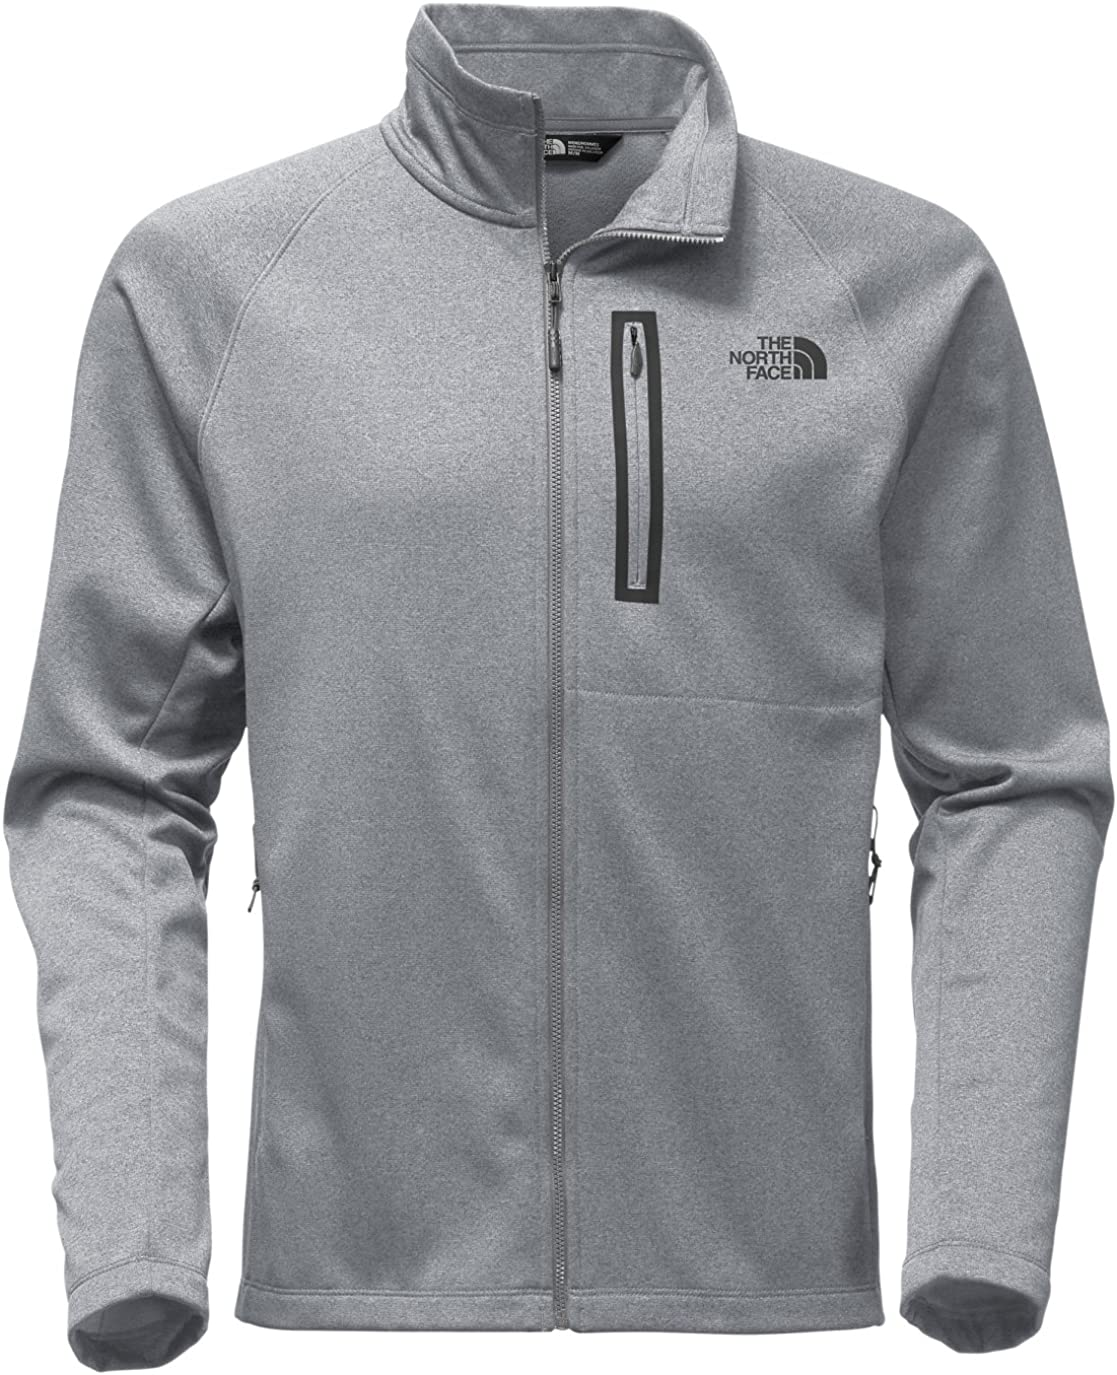 The North Face Men's Canyonlands Full Zip Sweatshirt